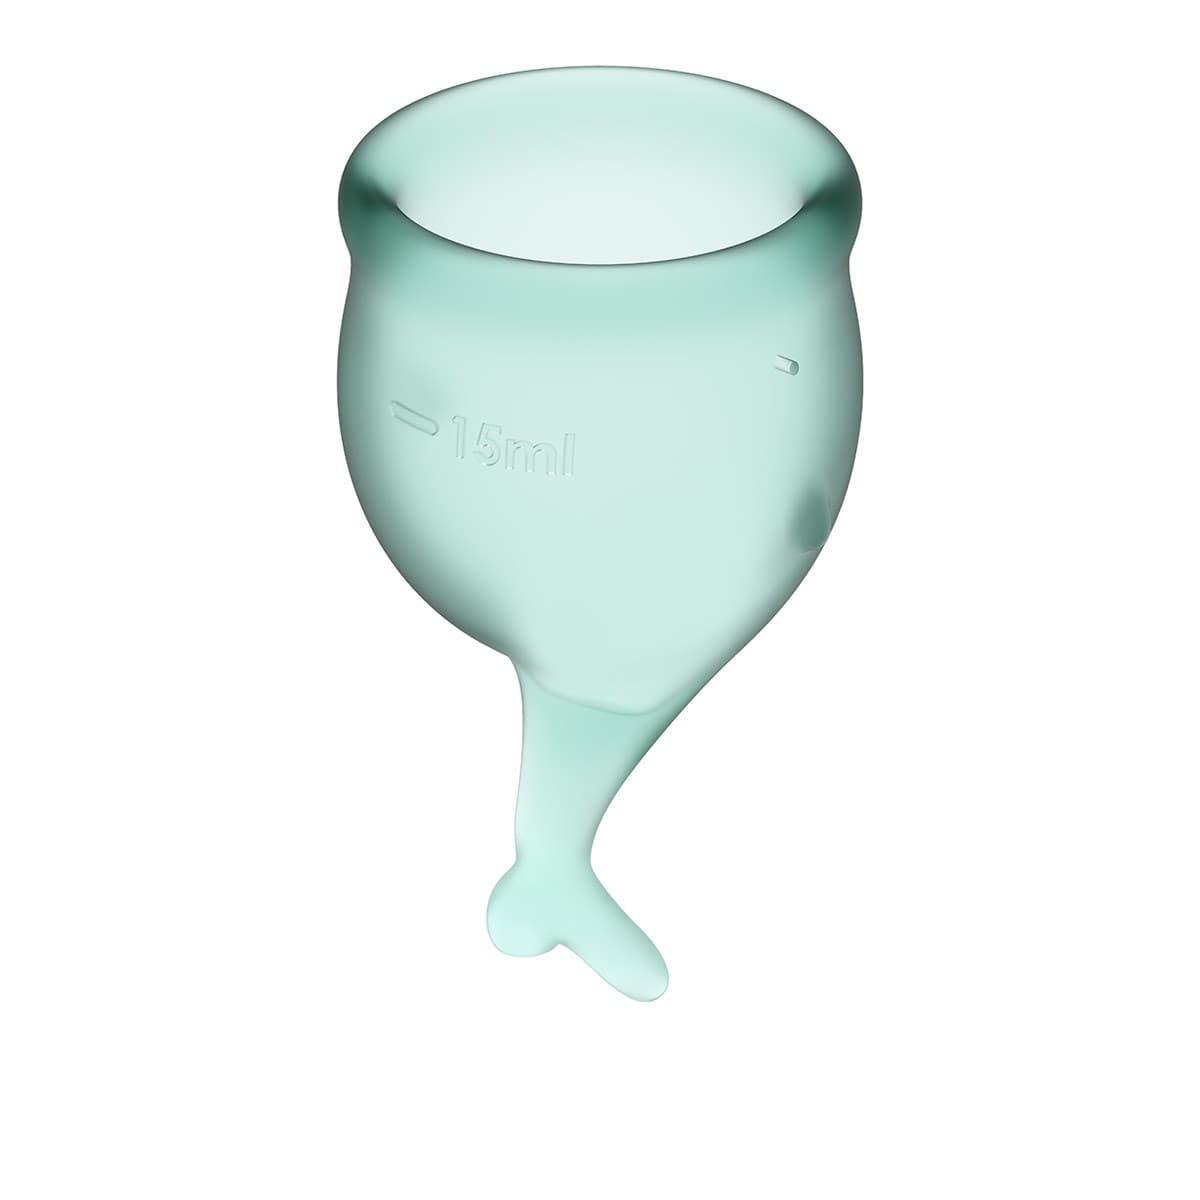 Satisfyer Feel Secure Menstrual Cup, Набор Менструальных Чаш - фото 18774